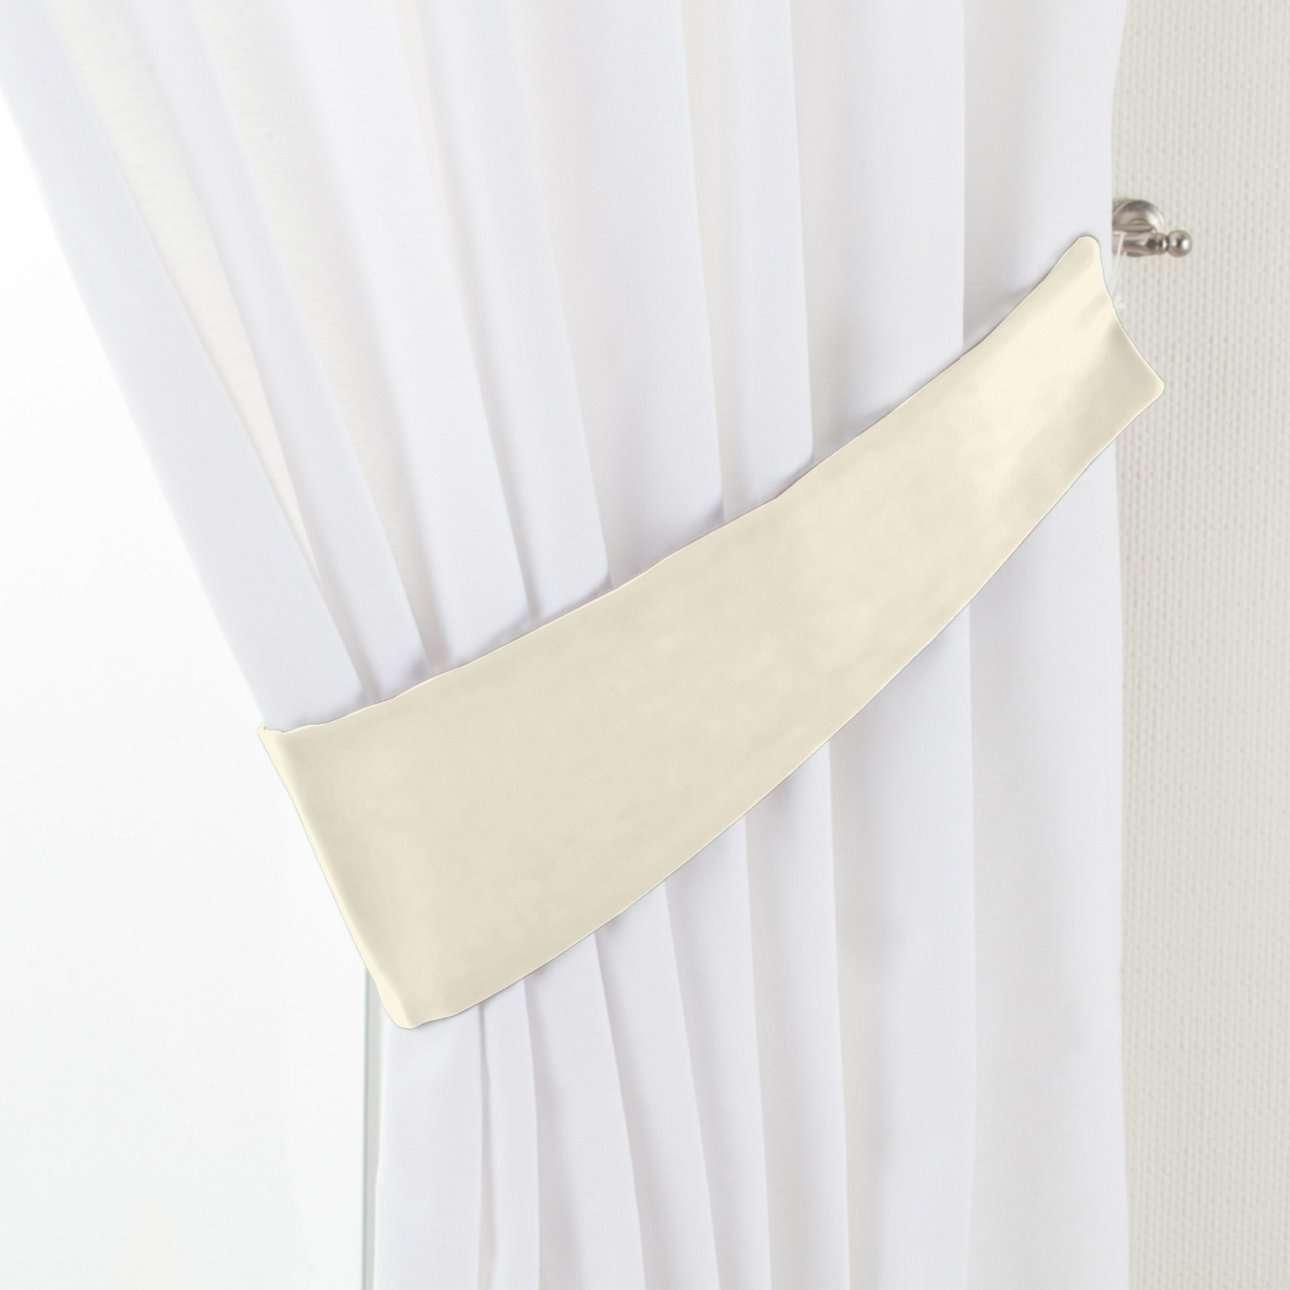 Raffhalter Victoria, altweiß, 12 × 70 cm, Velvet | Heimtextilien > Gardinen und Vorhänge > Raffhalter | Dekoria